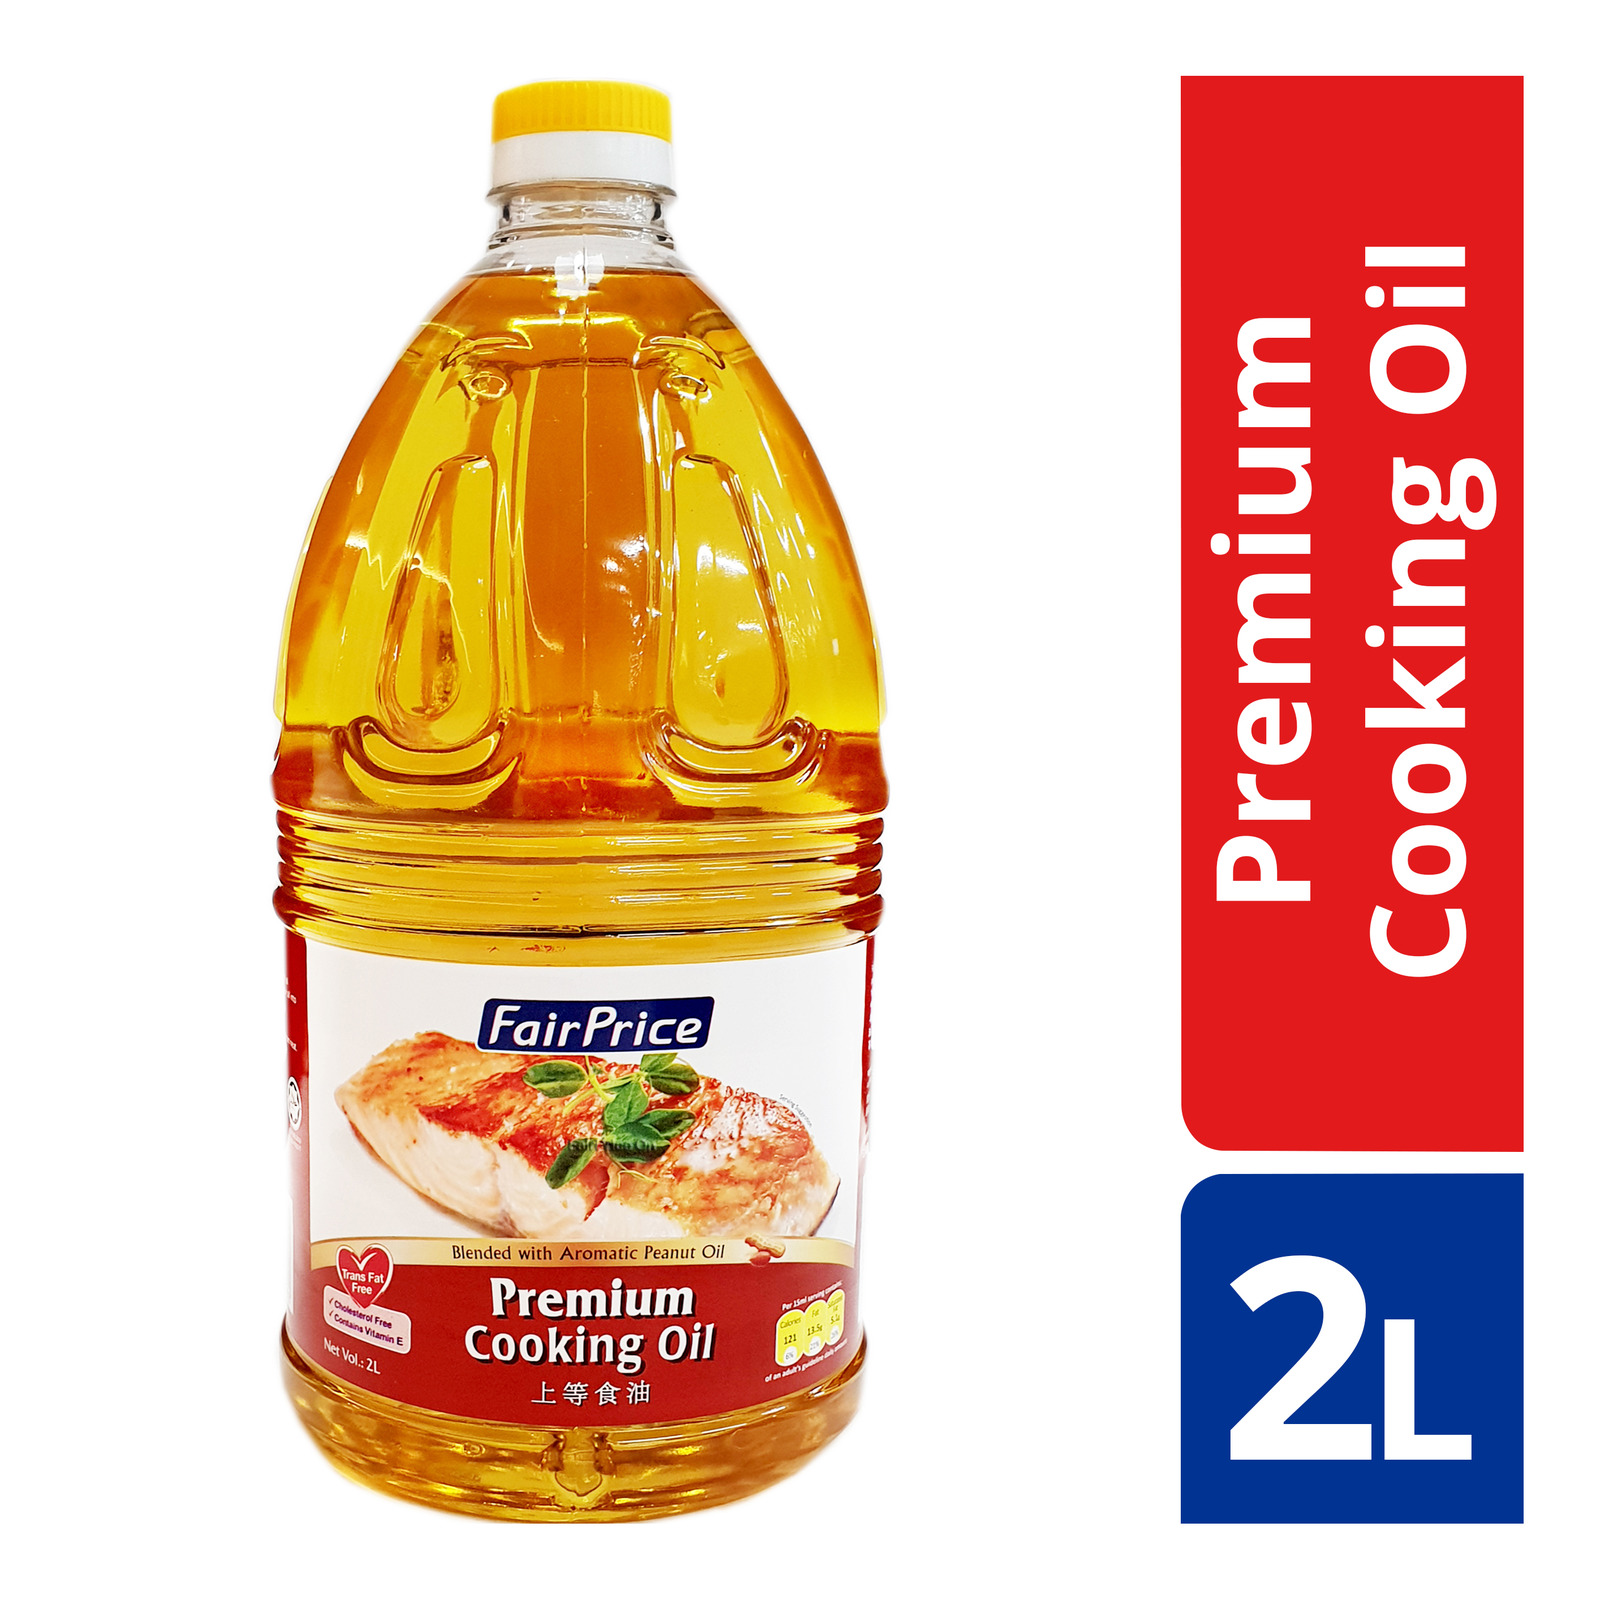 FairPrice Premium Cooking Oil